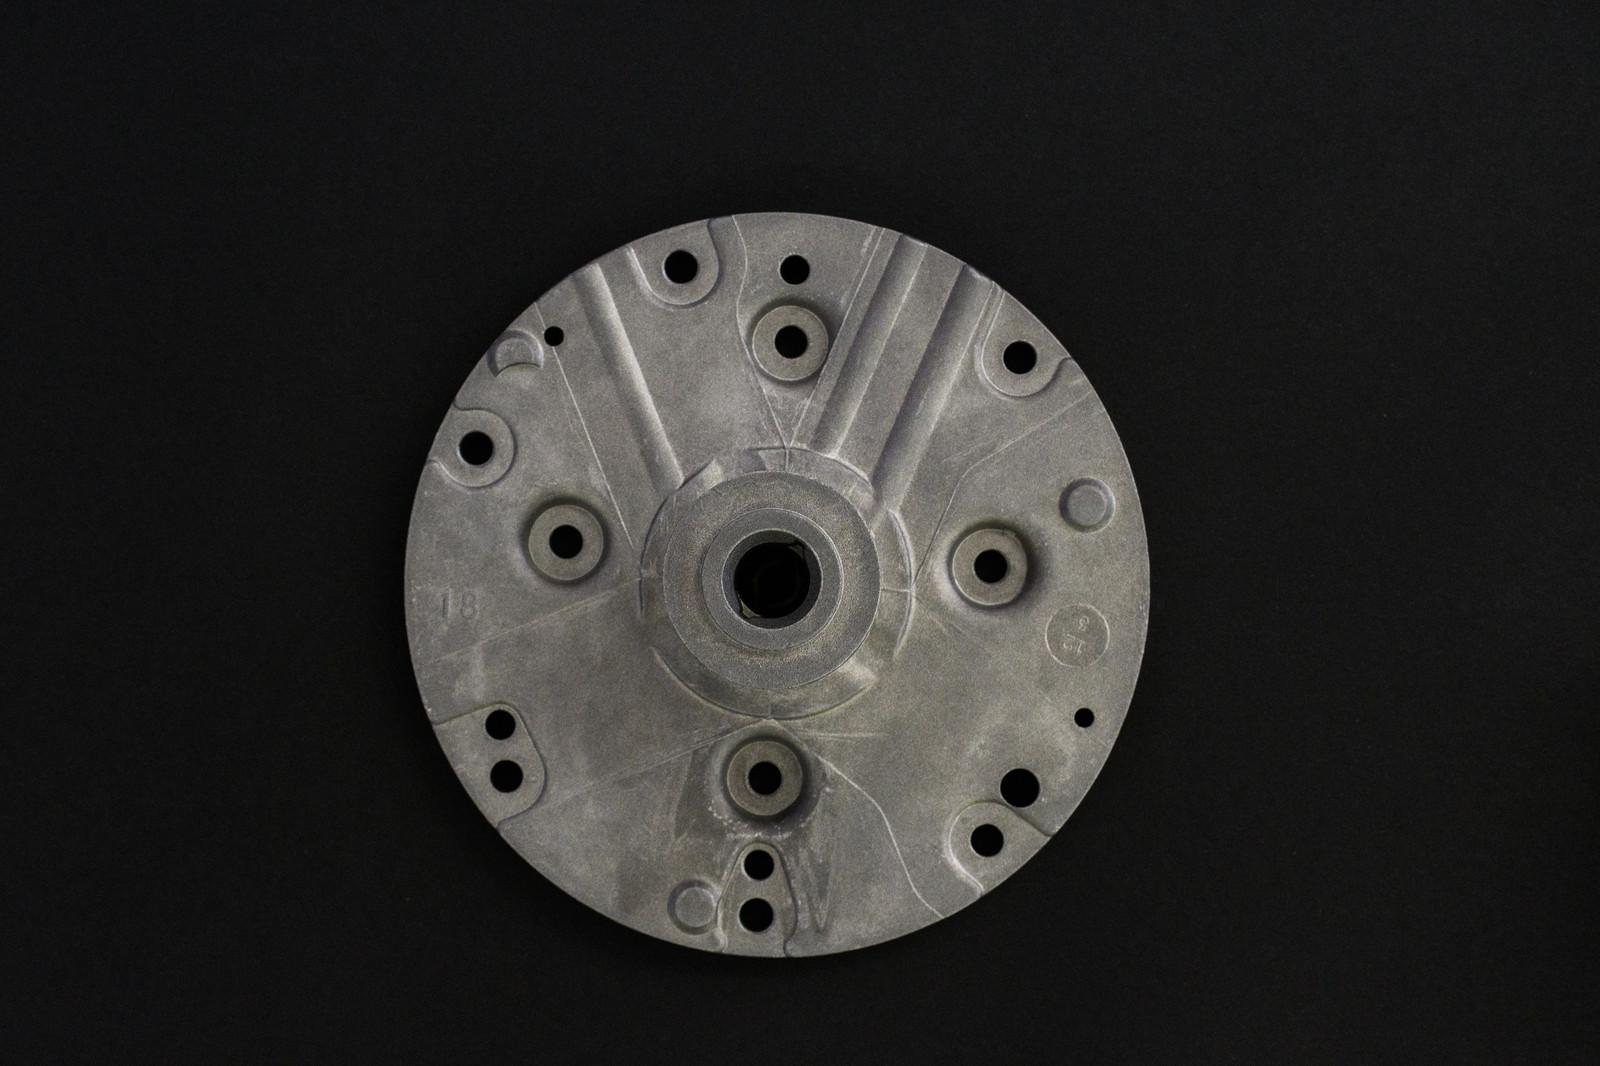 ... aluminum die cast 8679.jpg